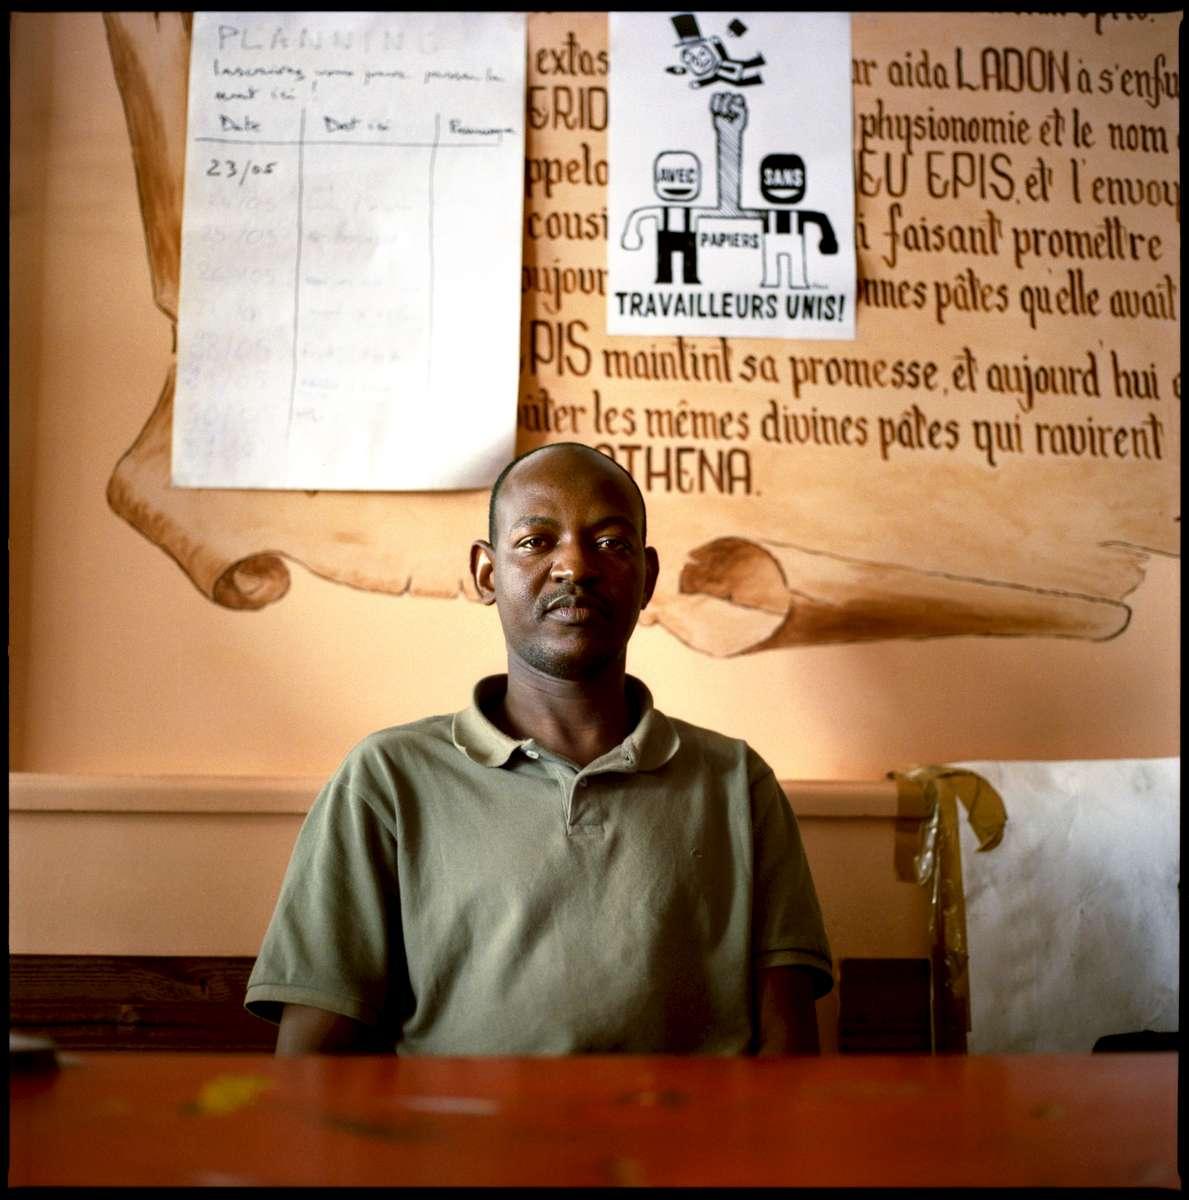 Yahya est Mauritanien et est arrivé en France en 2002. En grêve depuis le 19 Mai 2008, il travaille dans l'un des restaurants du groupe PASTAPAPA. Il occupe avec 7 autres grévistes, et quelques soutiens, le restaurant PASTAPAPA de la rue Jean Mermoz à Paris.